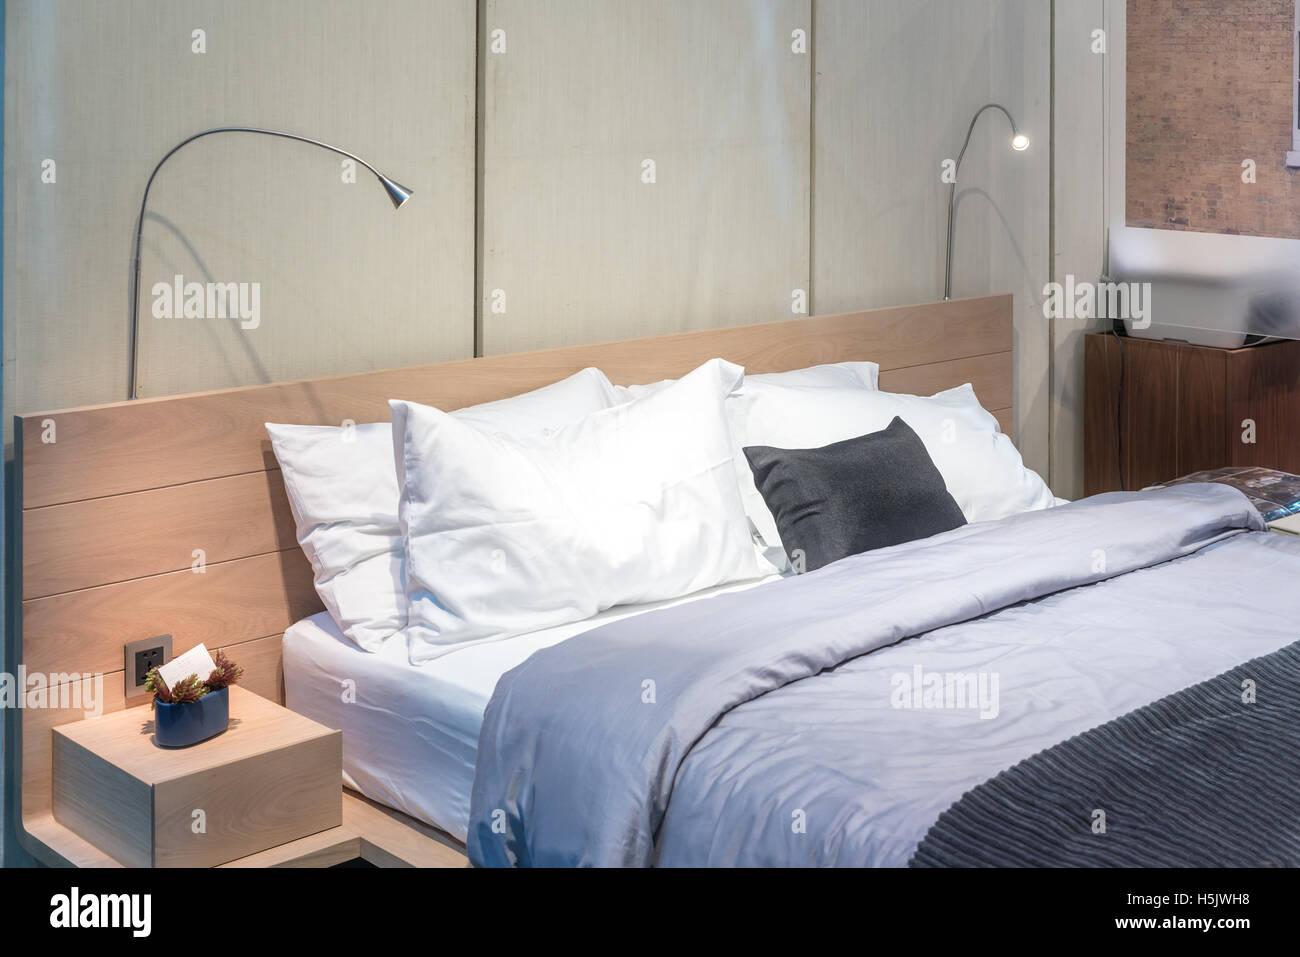 Camere Da Letto Matrimoniali Vintage : Interiore camera da letto con letto matrimoniale e un cuscino di